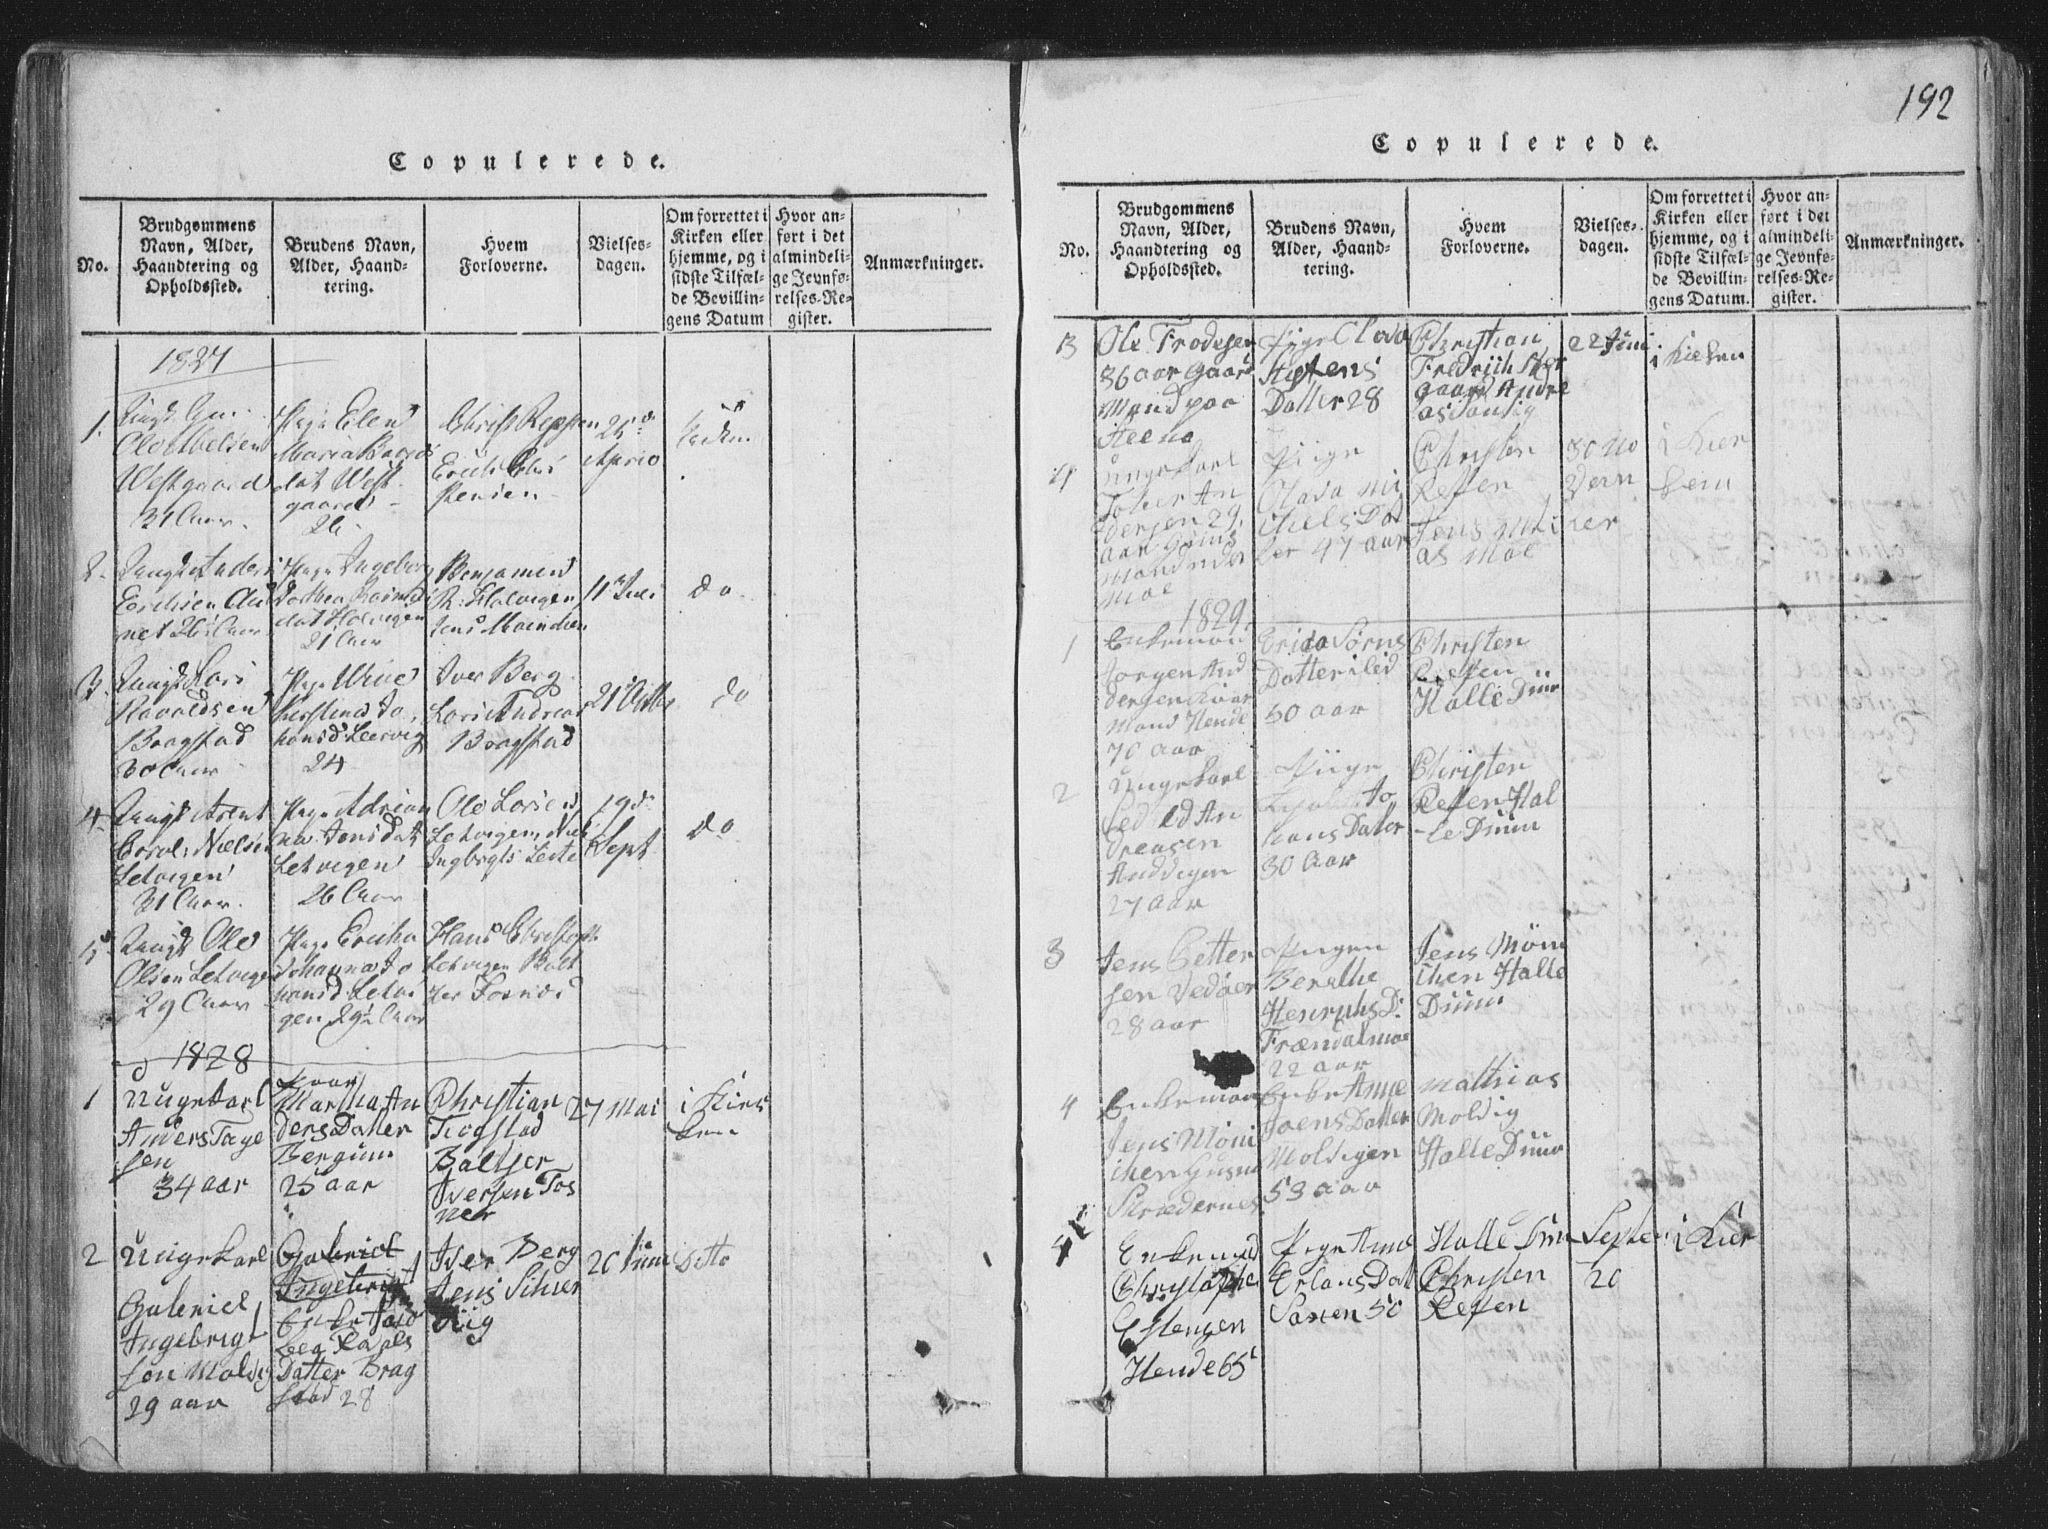 SAT, Ministerialprotokoller, klokkerbøker og fødselsregistre - Nord-Trøndelag, 773/L0613: Ministerialbok nr. 773A04, 1815-1845, s. 192